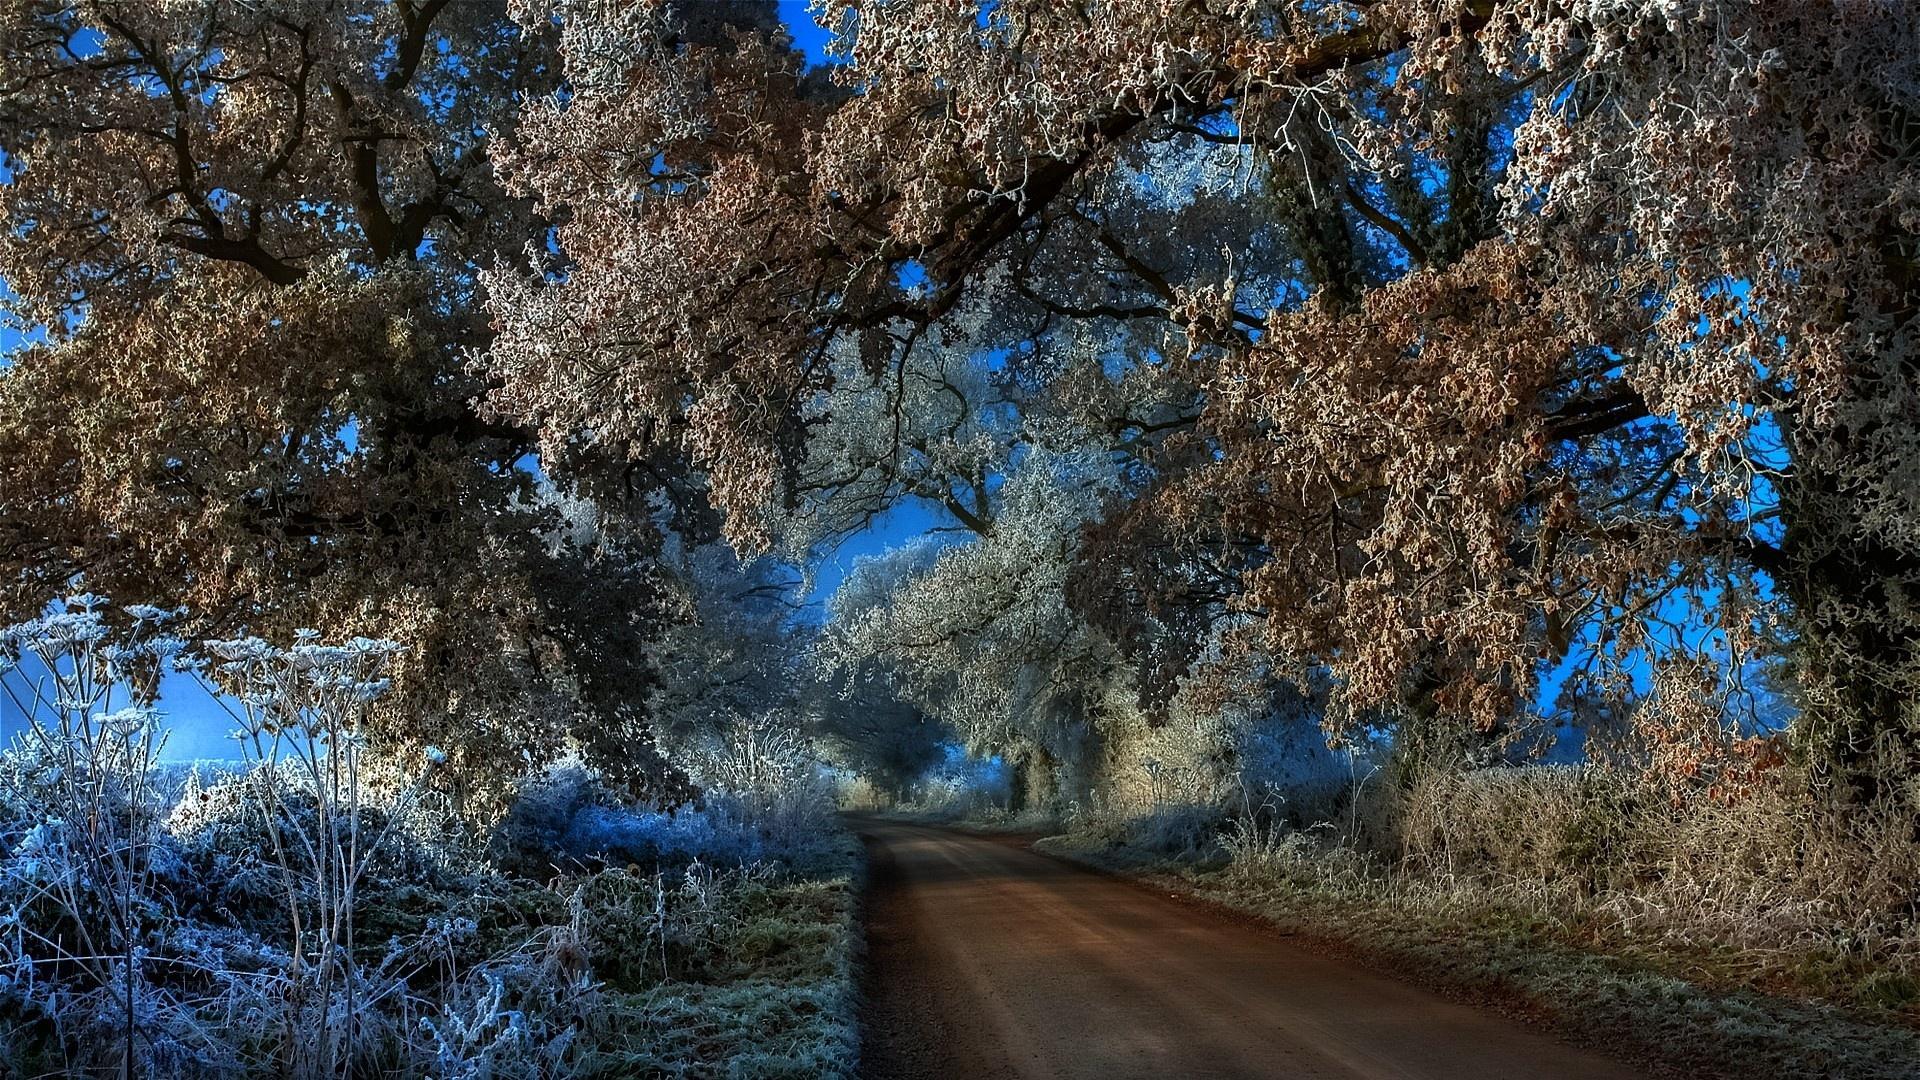 Frosty HD